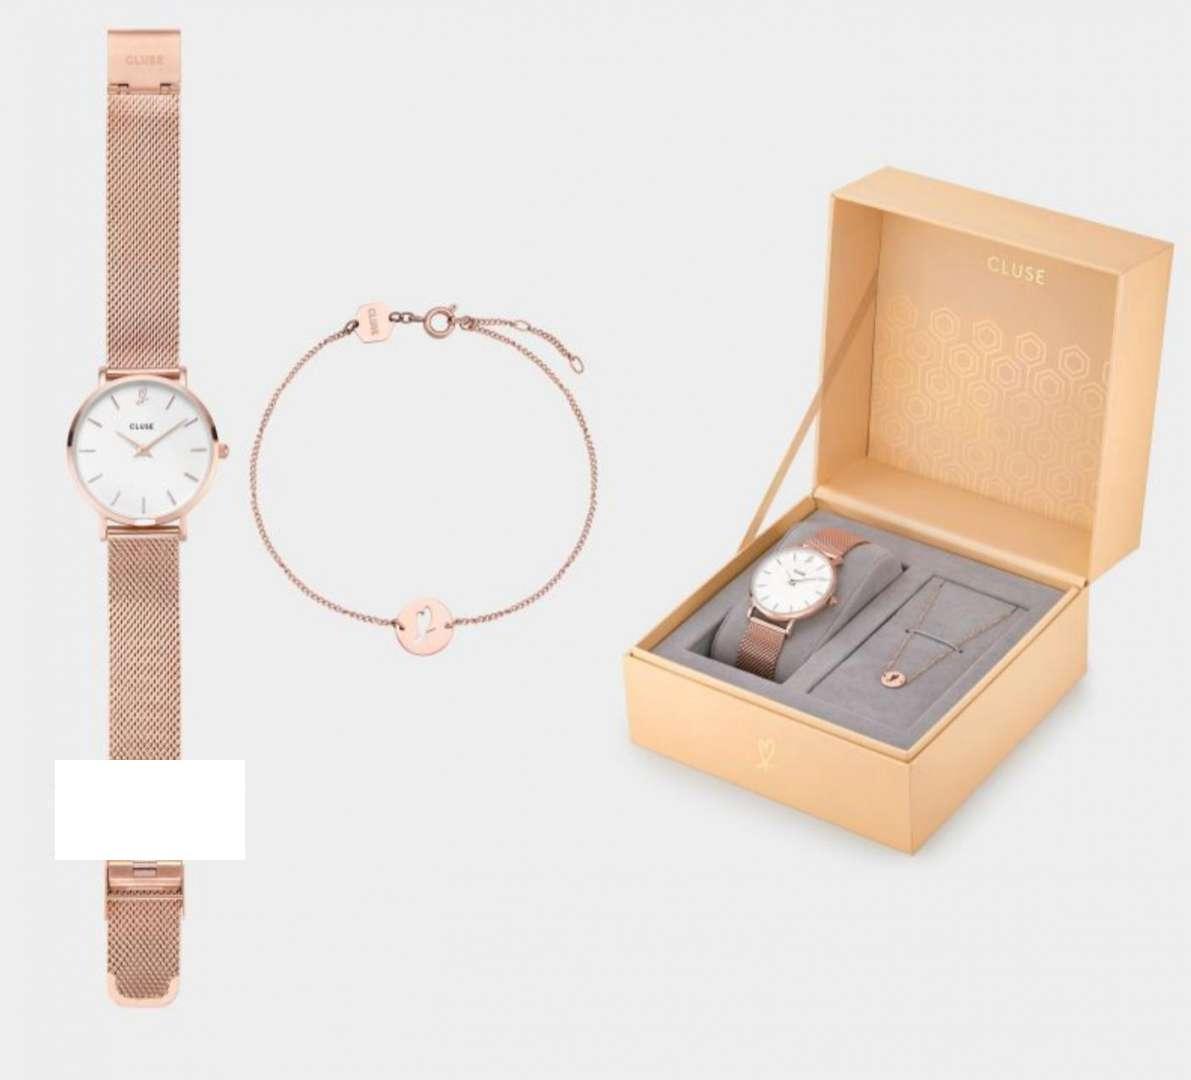 שעון יד אנלוגי cluse clg013 קלוז